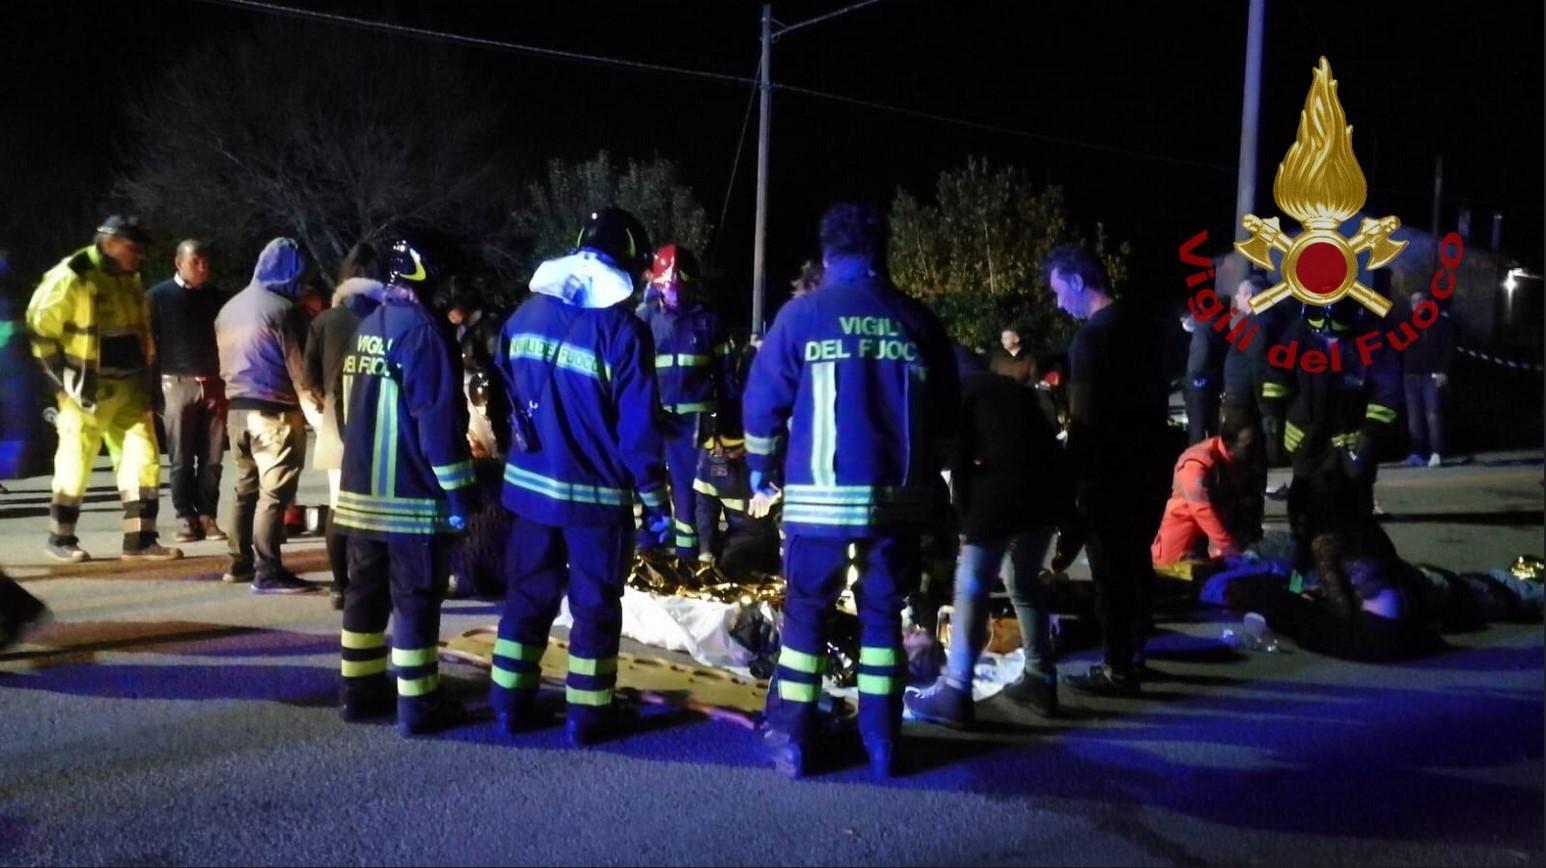 Panico in discoteca, 6 morti nella calca